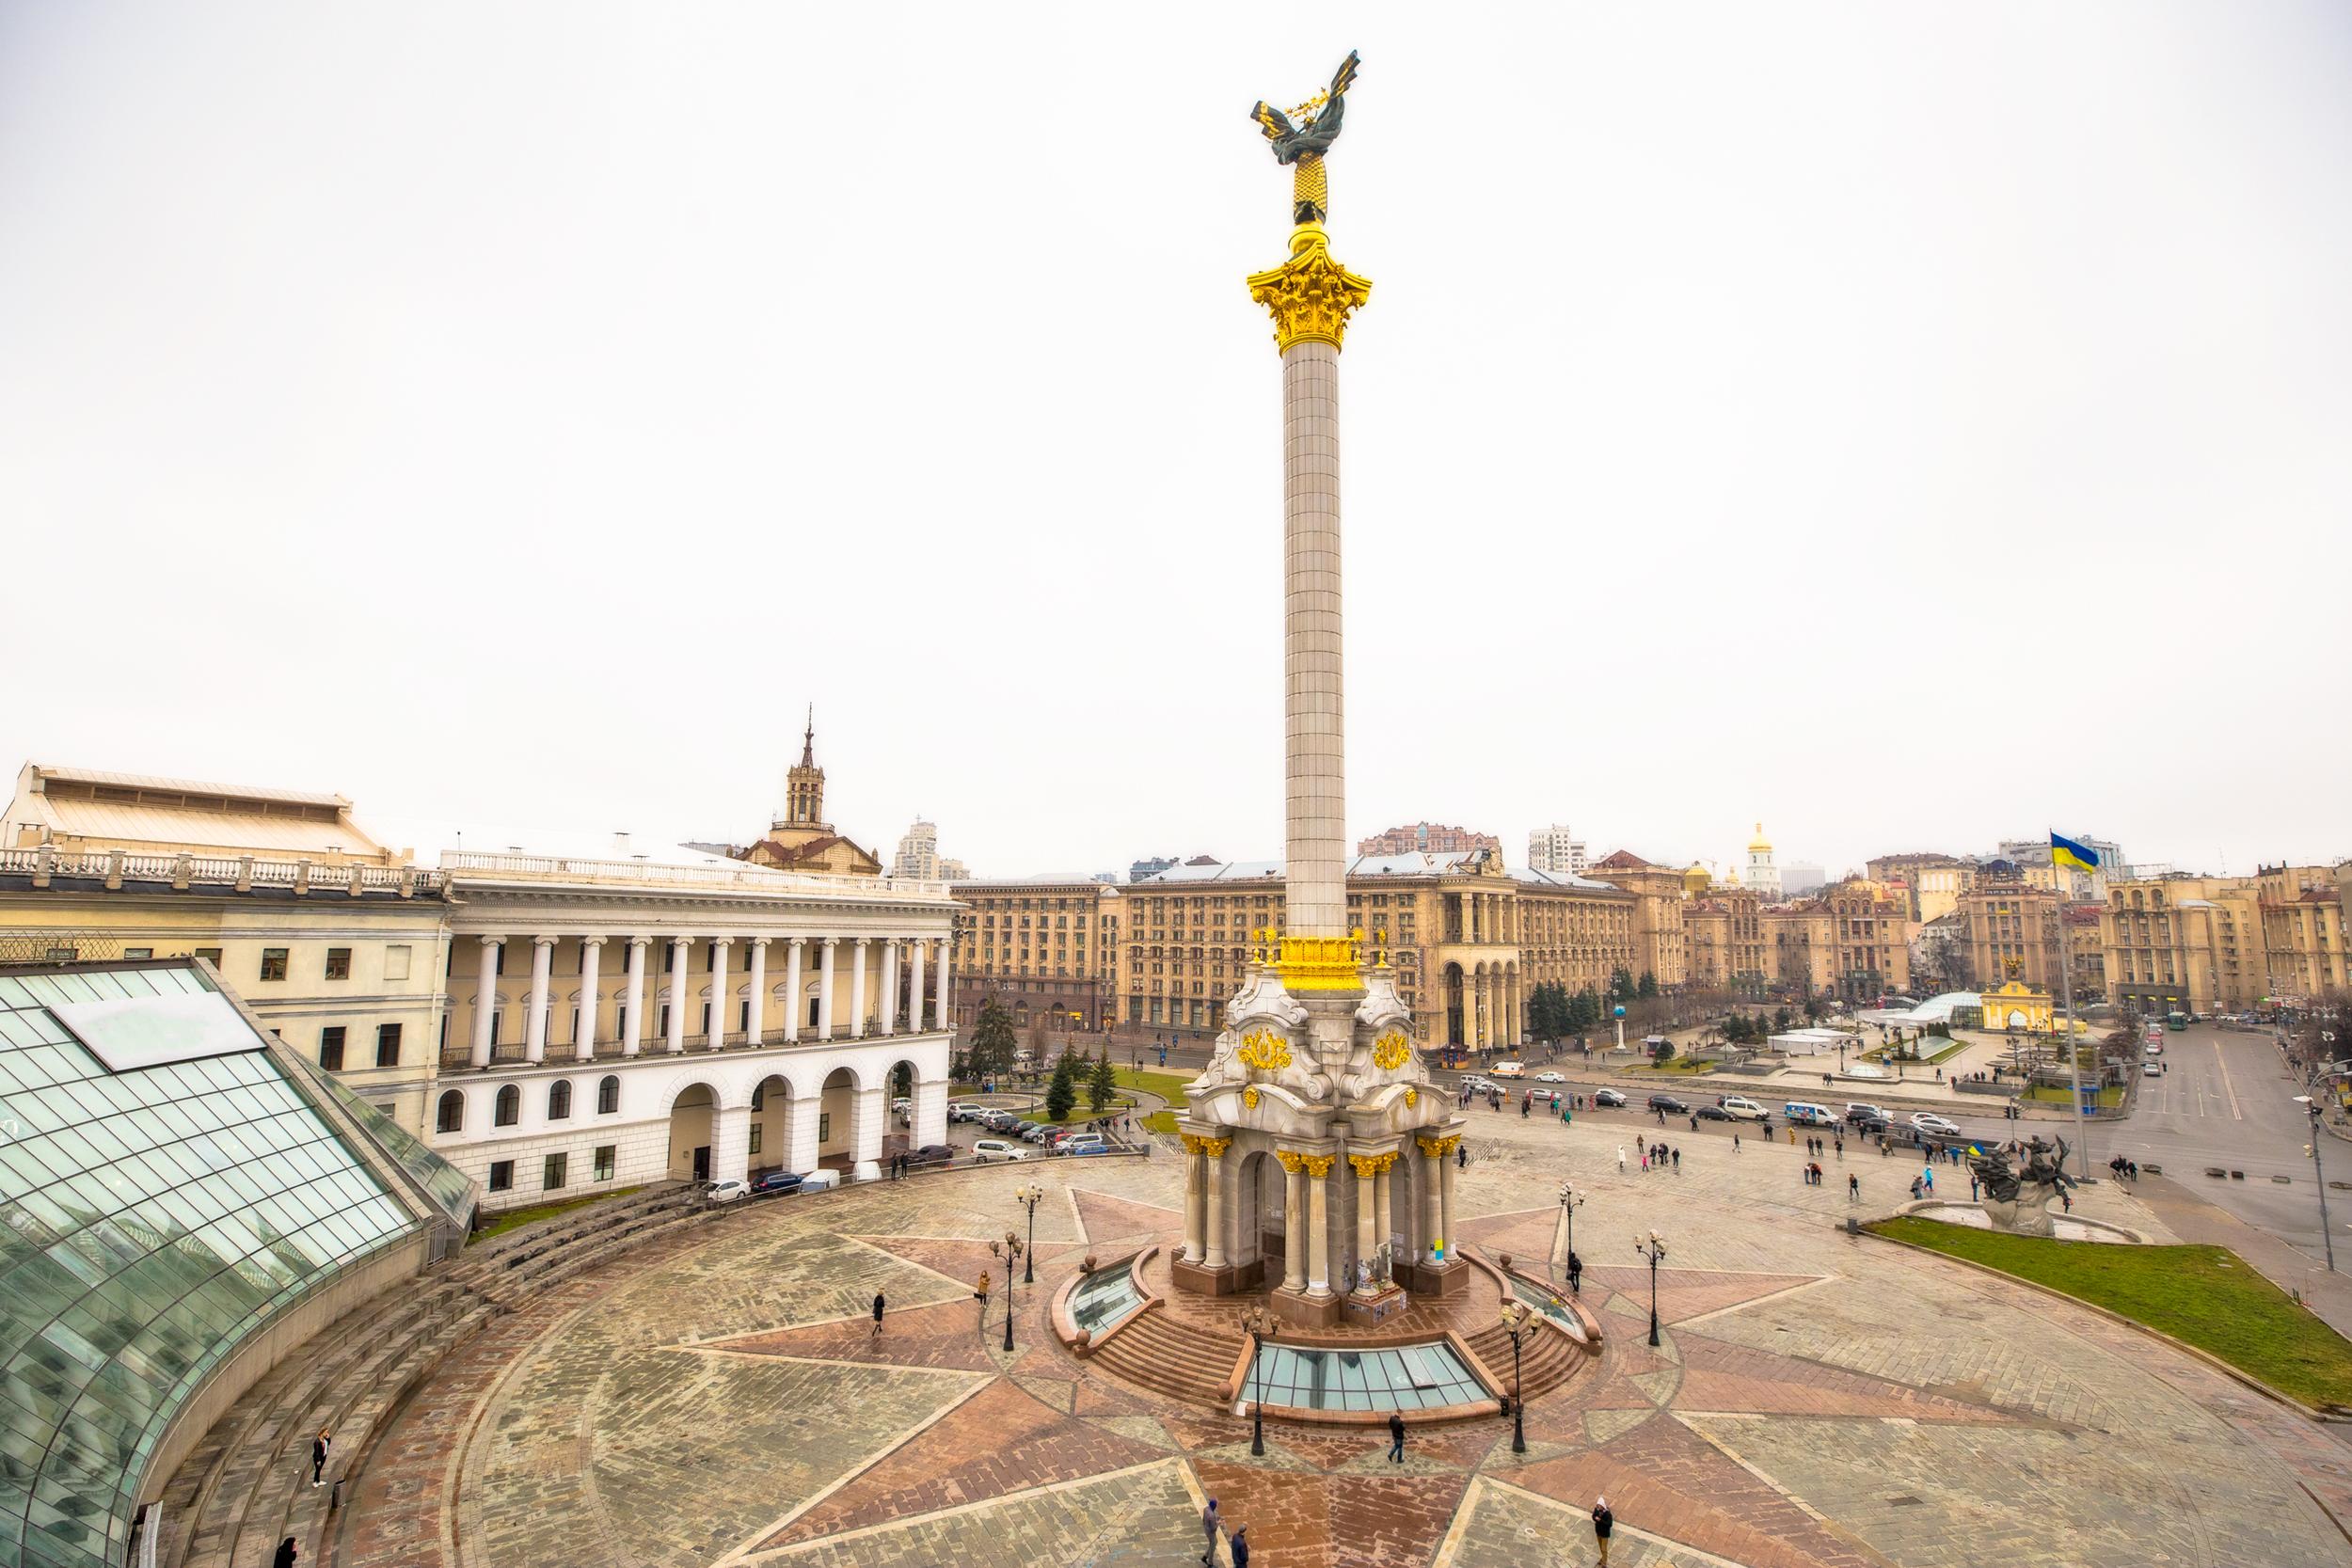 Vermisster belarussischer Aktivist Schischow erhängt in Kiew aufgefunden